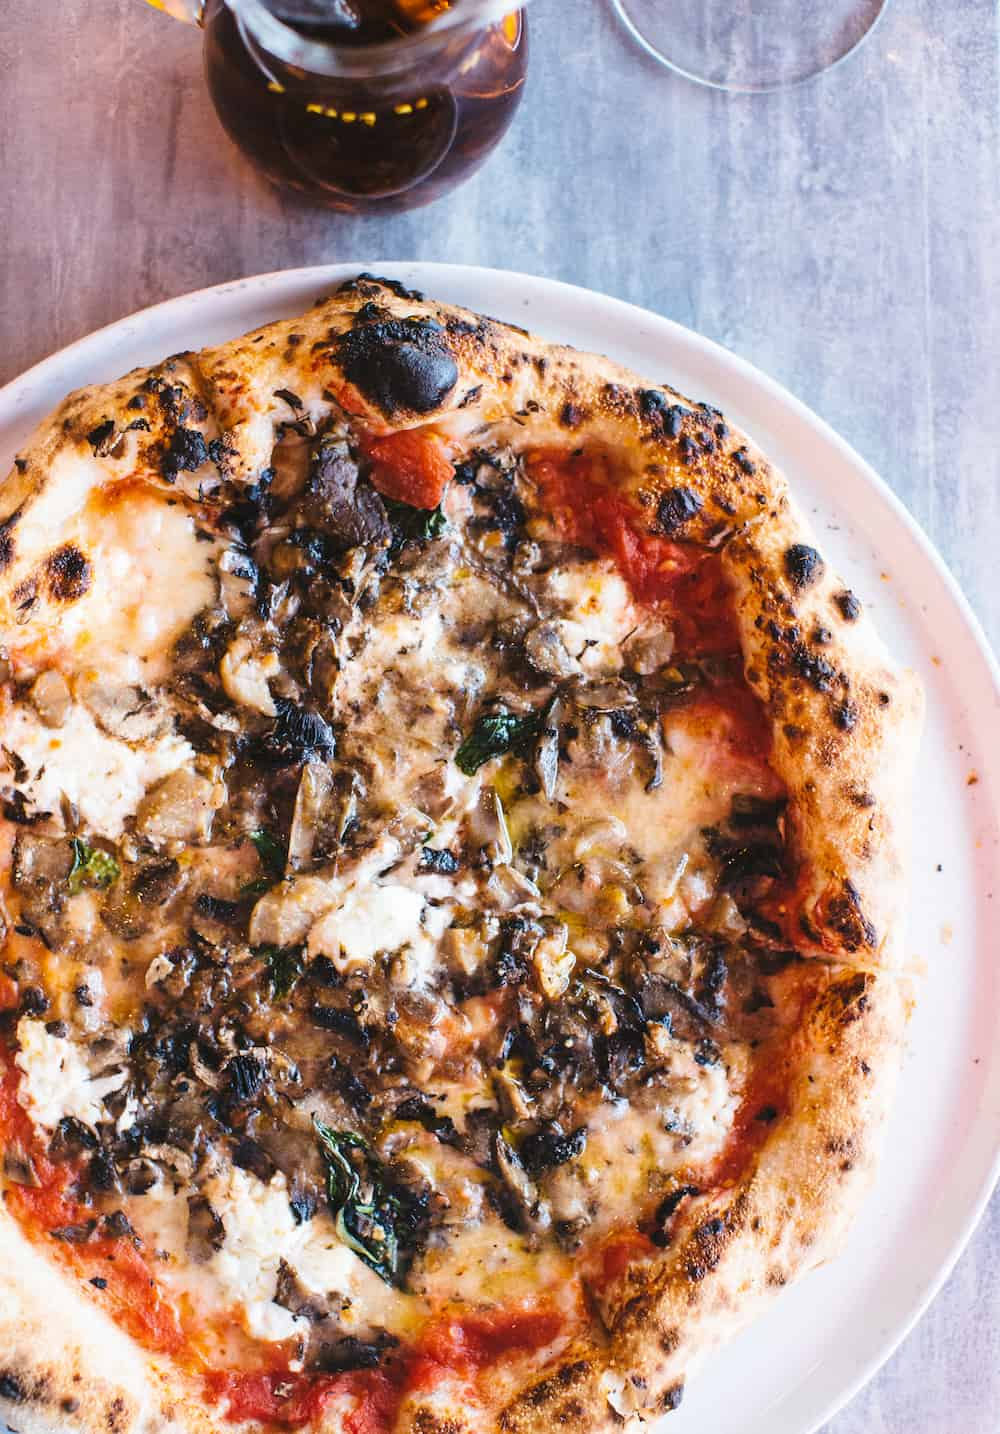 Woddfire pizzeria